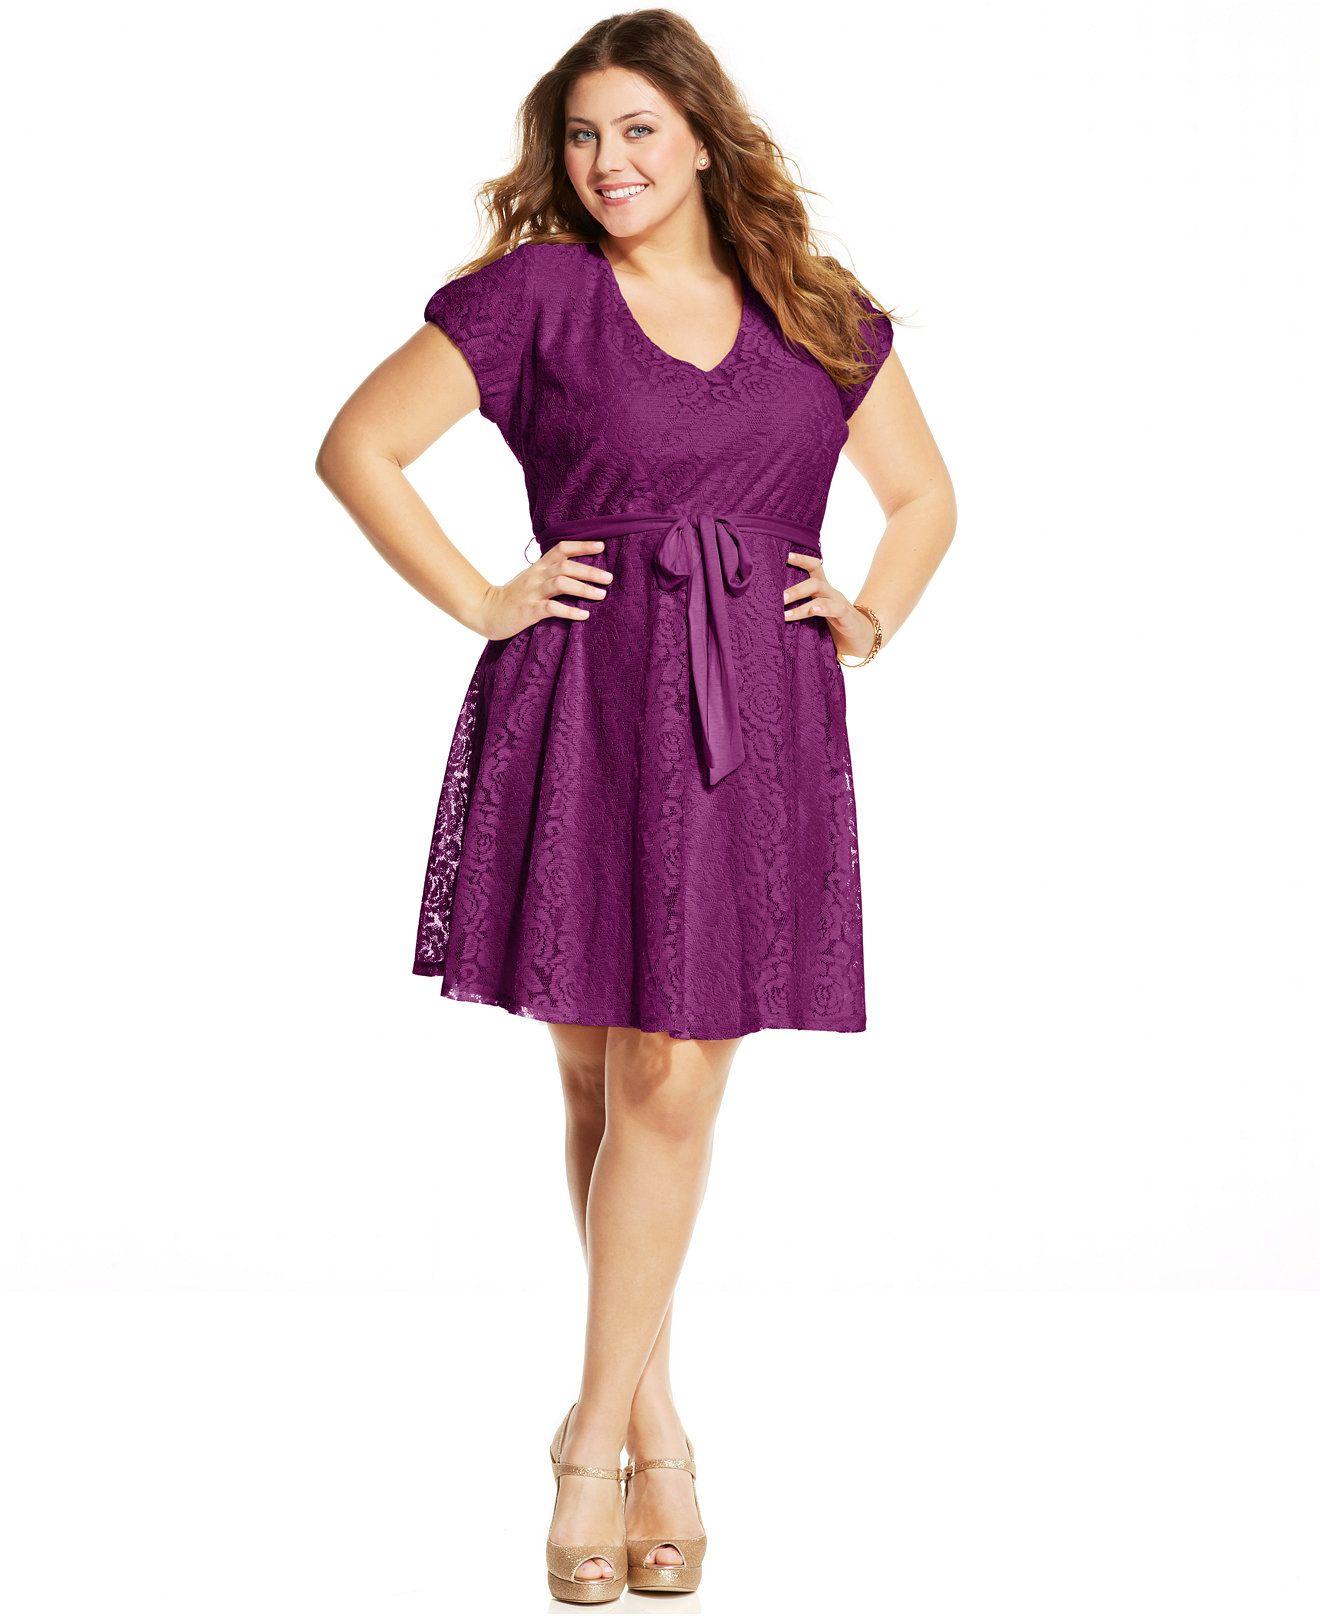 plus size dresses - Google Search | The Shopper | Pinterest